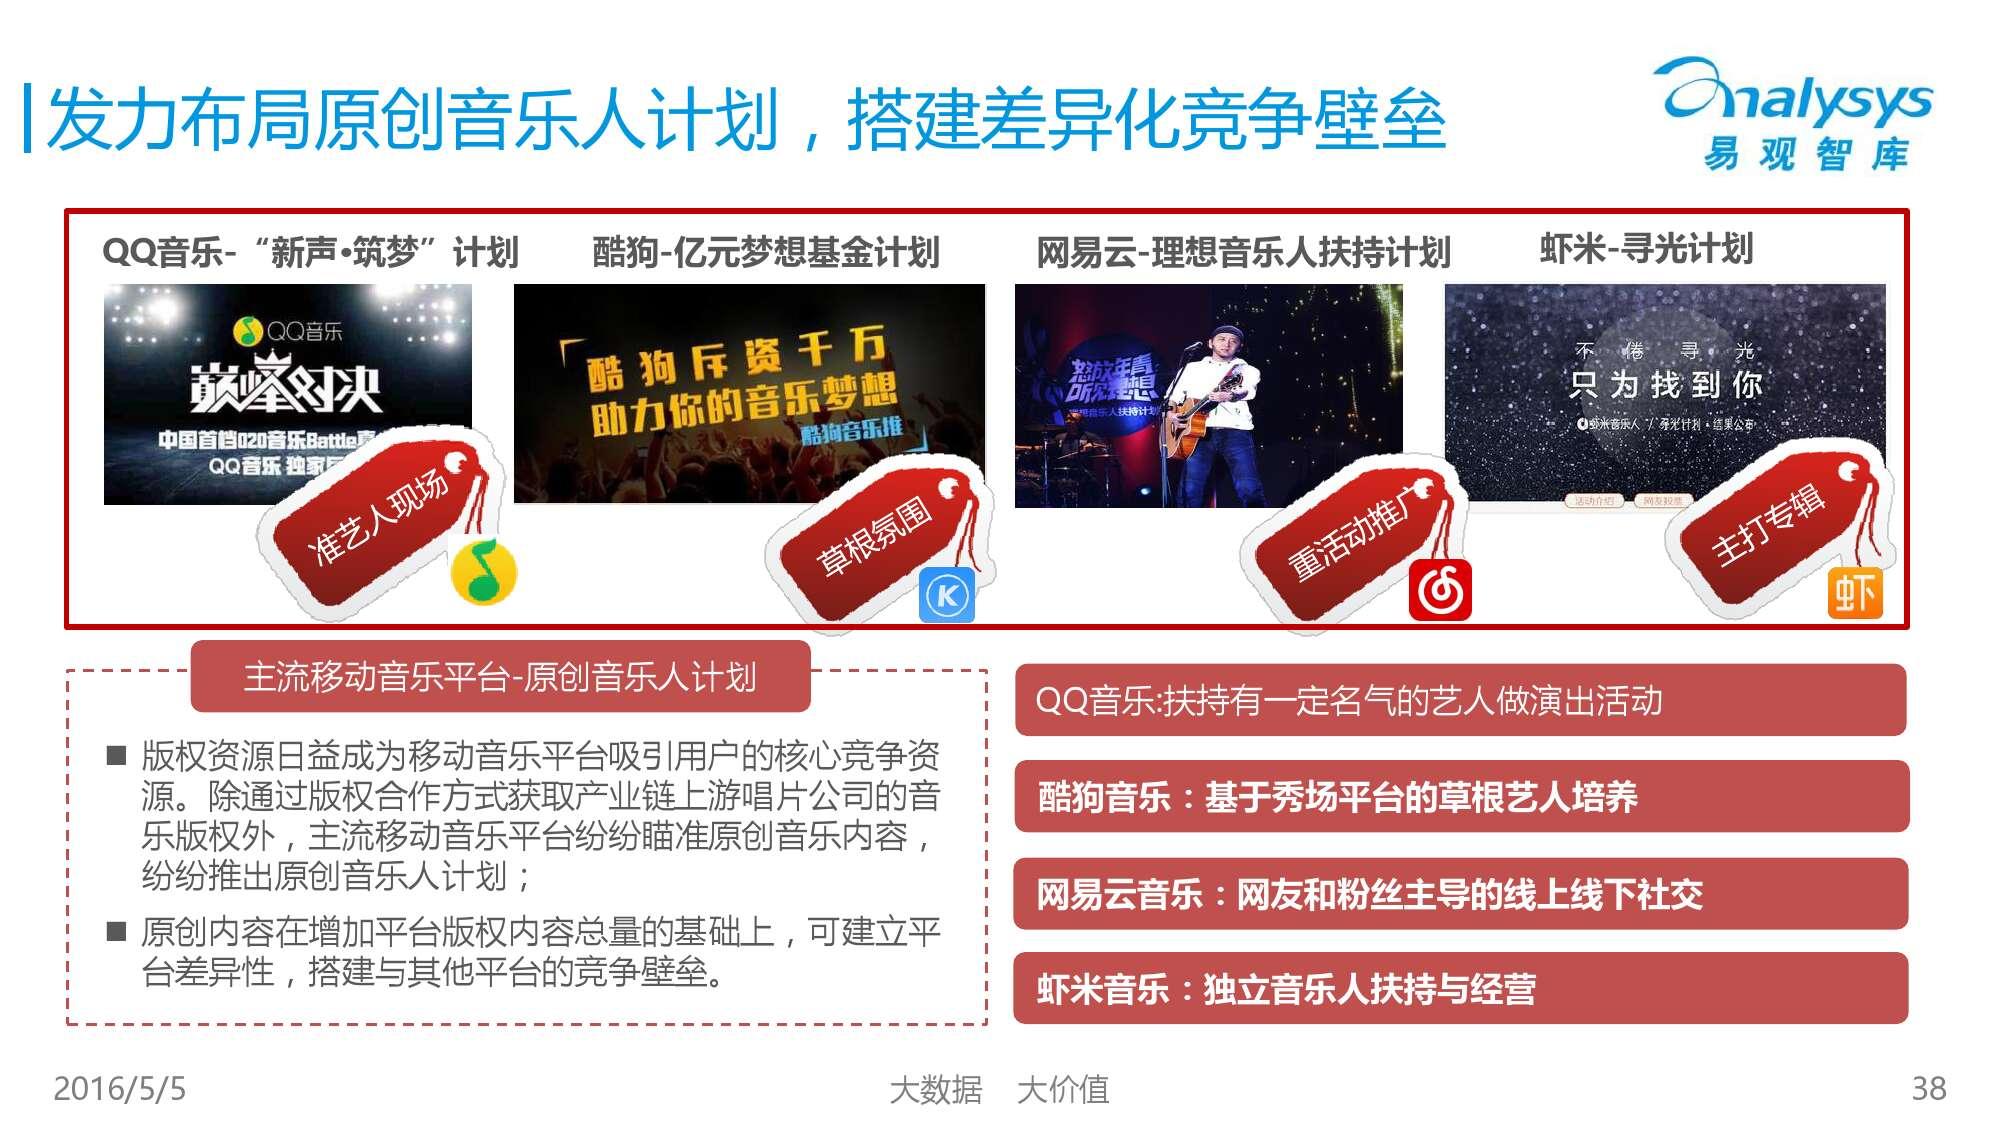 2016中国移动音乐市场年度综合报告_000038